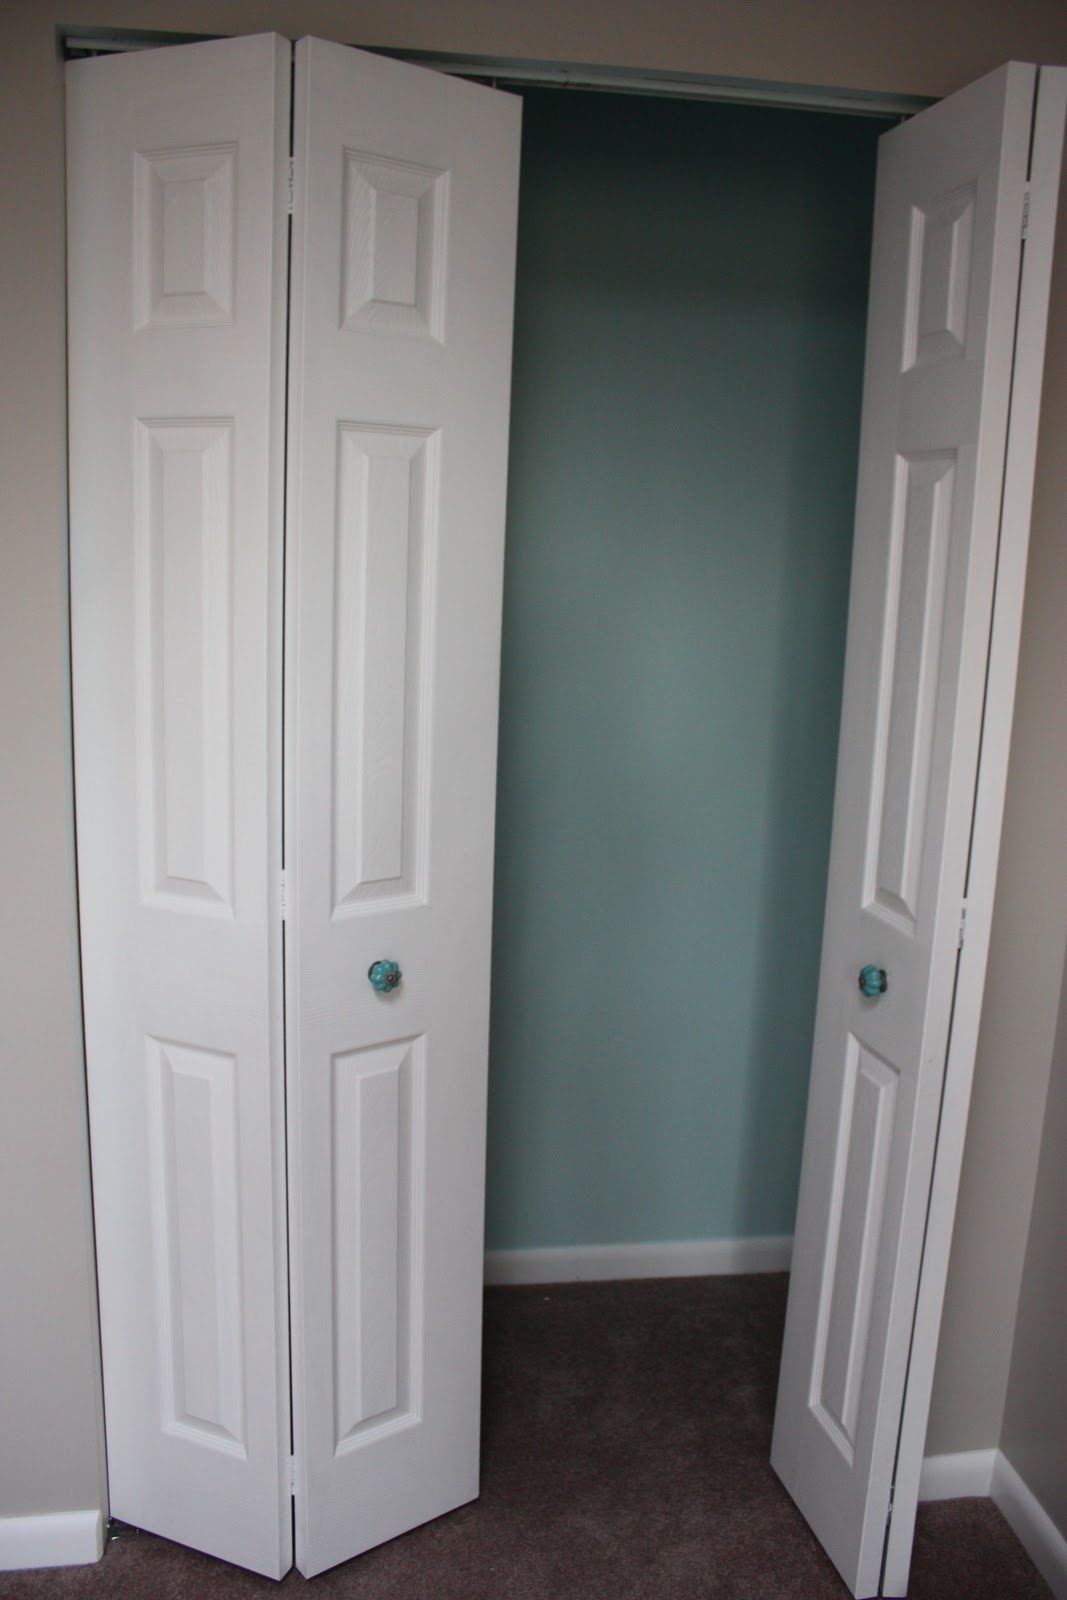 Gentil What Color To Paint Inside Closets Image And Description Imageload Co